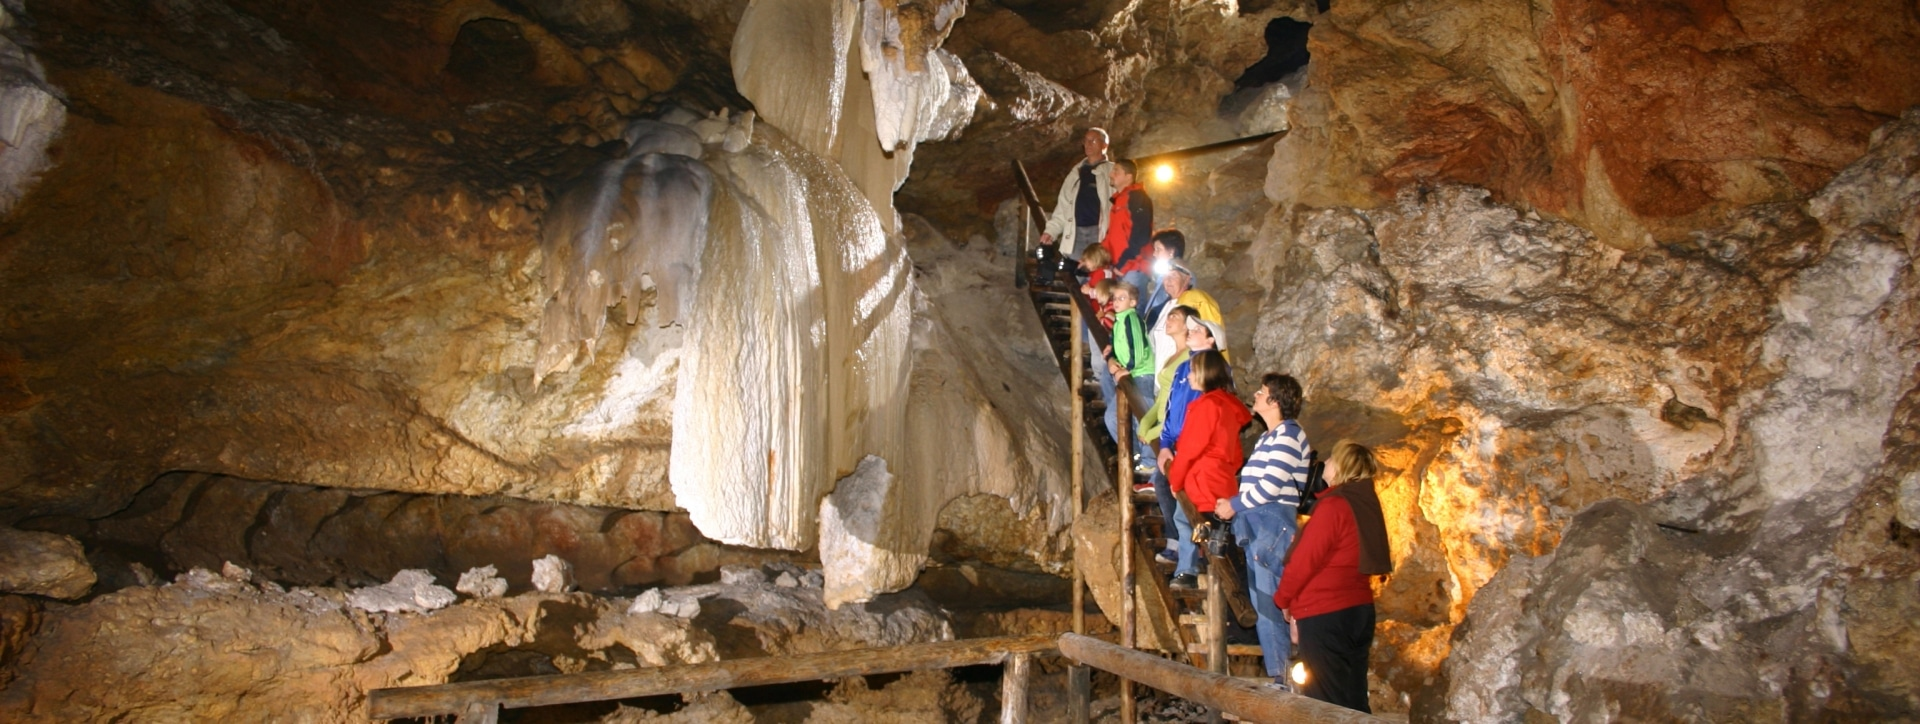 Besucher im Inneren der Kraushöhle Gams im Naturpark Eisenwurzen. JUFA Hotels bietet Ihnen den Ort für erlebnisreichen Natururlaub für die ganze Familie.